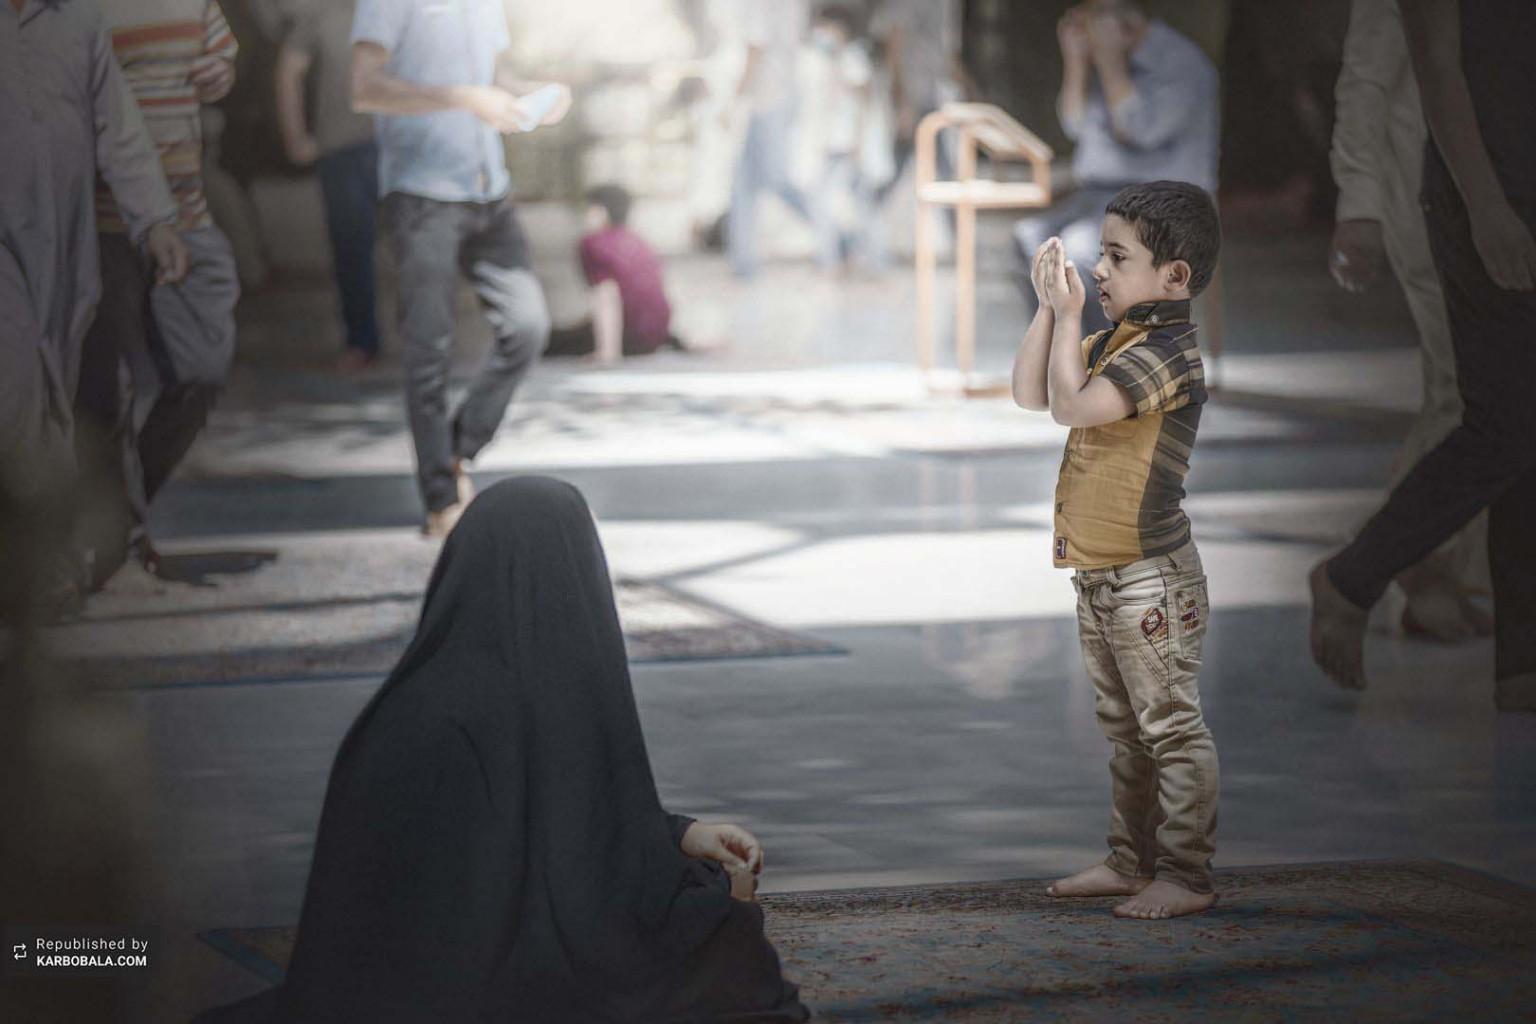 نماز خواندن کودک پاک حسینی در بینالحرمین